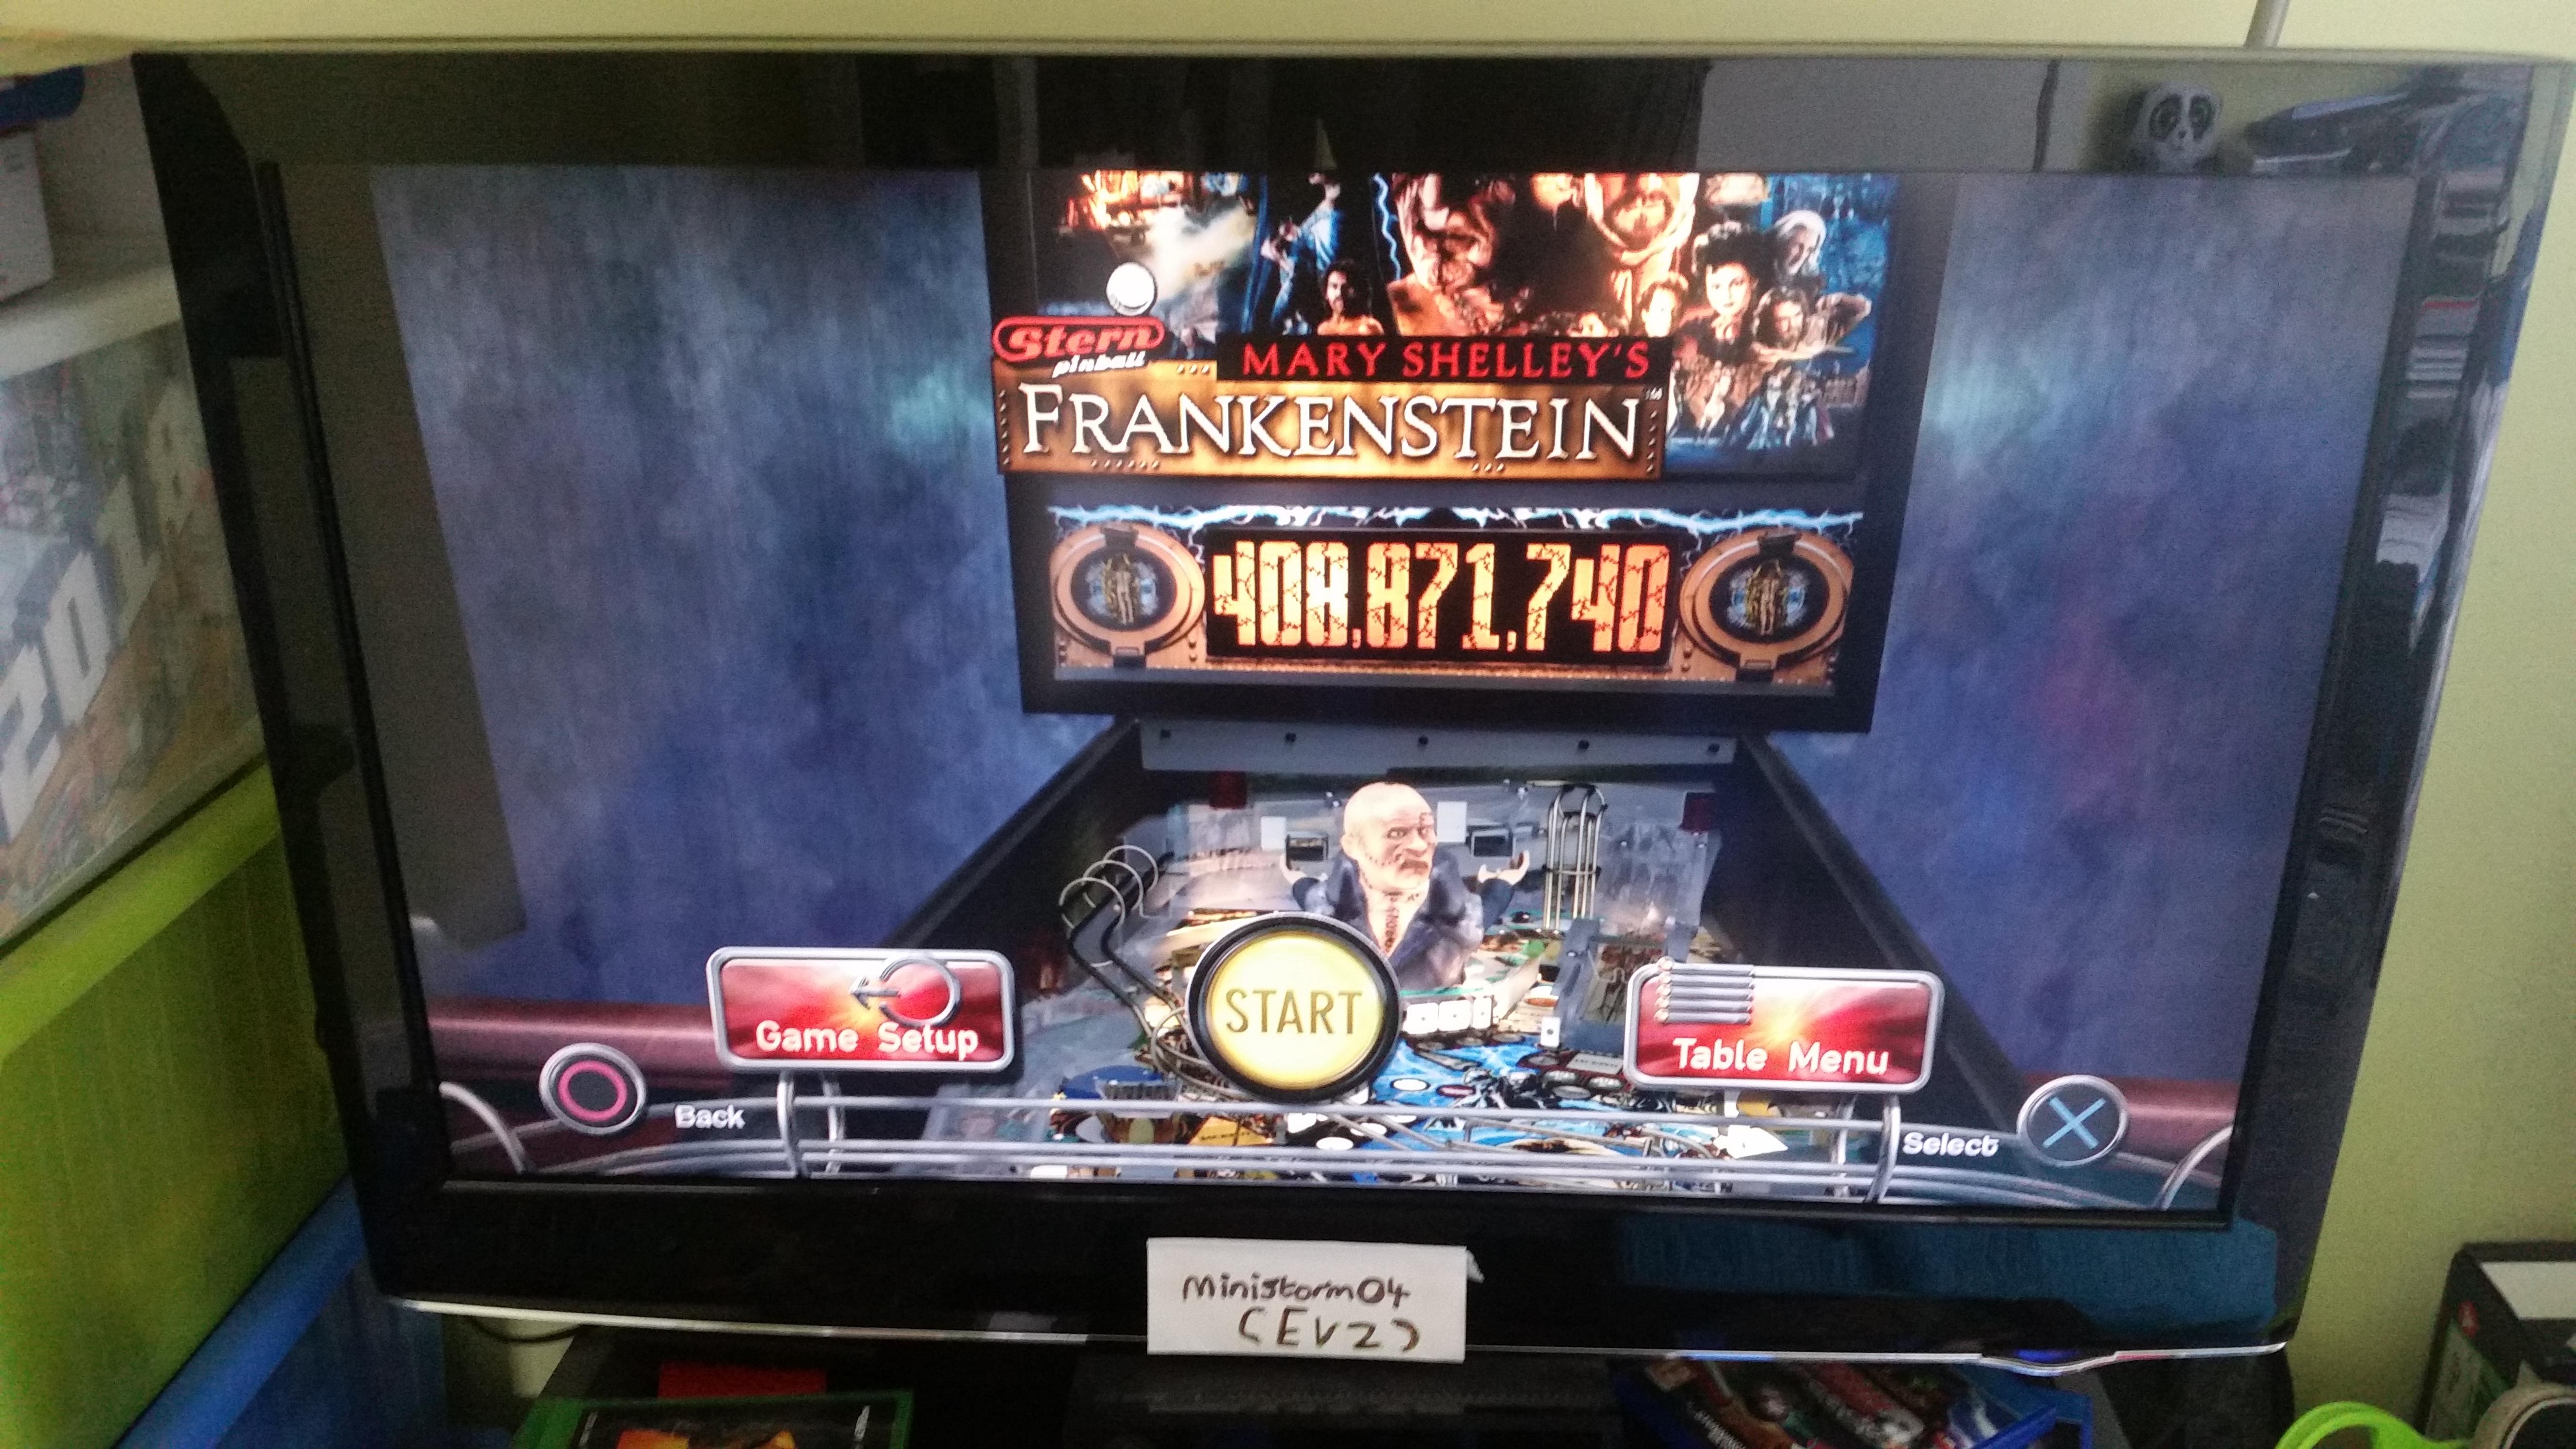 ministorm04: Pinball Arcade: Mary Shelley